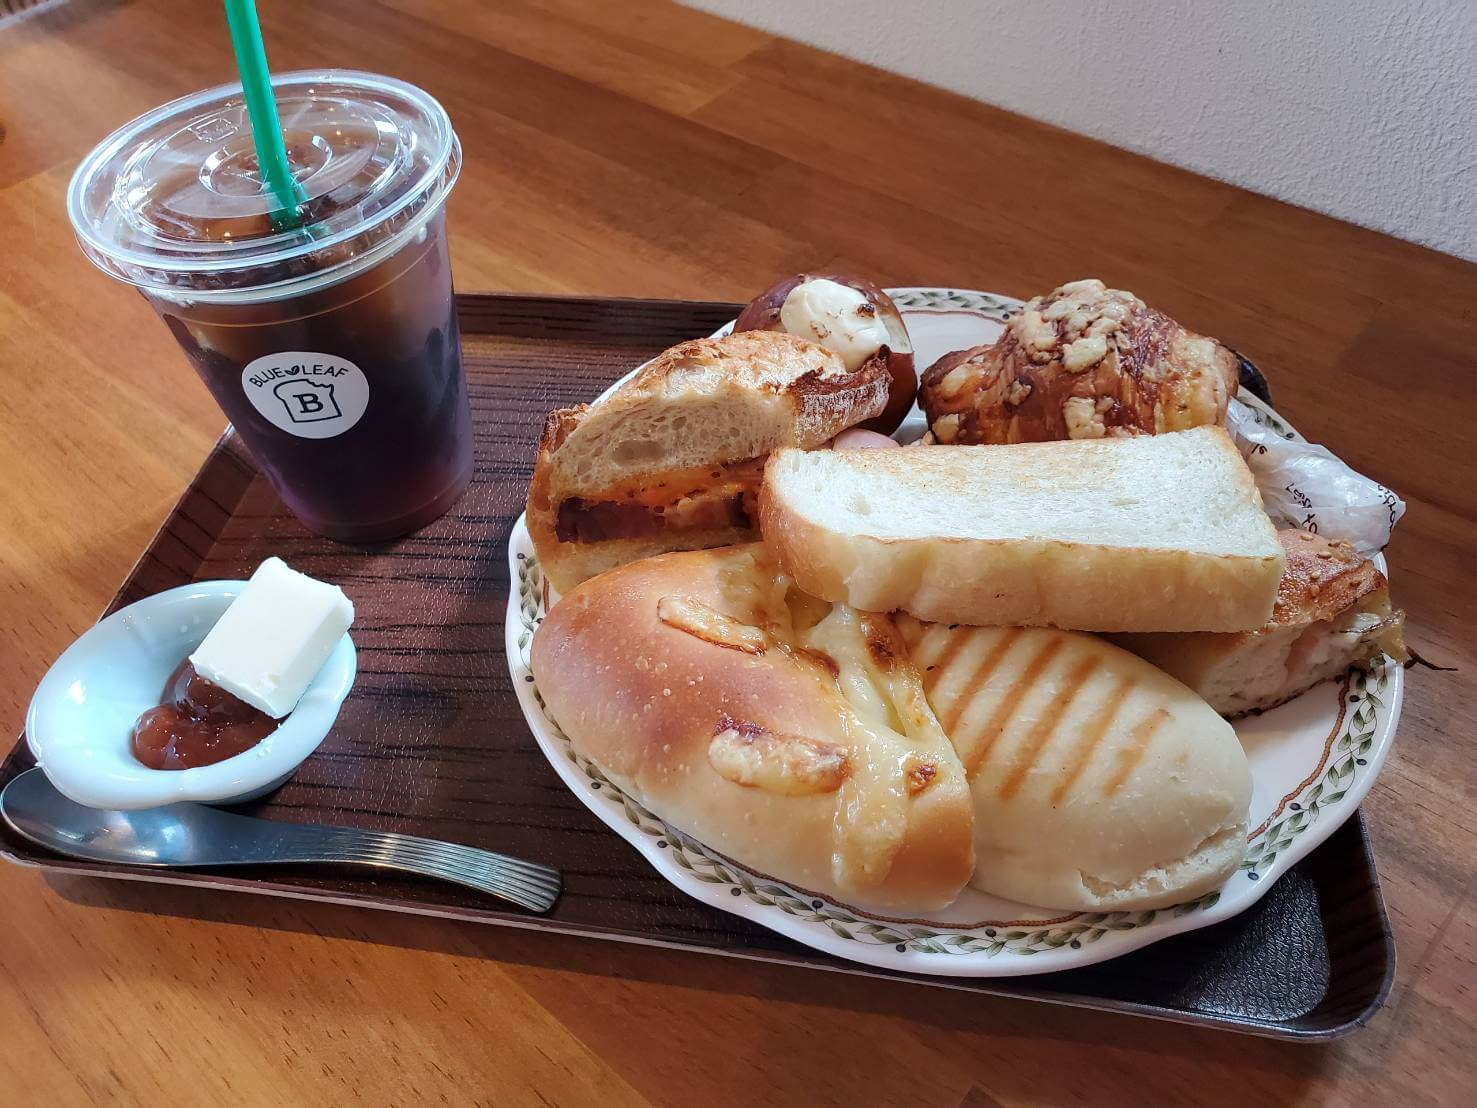 【BLUE  LEAF-ブルーリーフ-】よくばりなモーニングセットが頂けるおしゃれなパン屋さん《熊本市北区植木町》